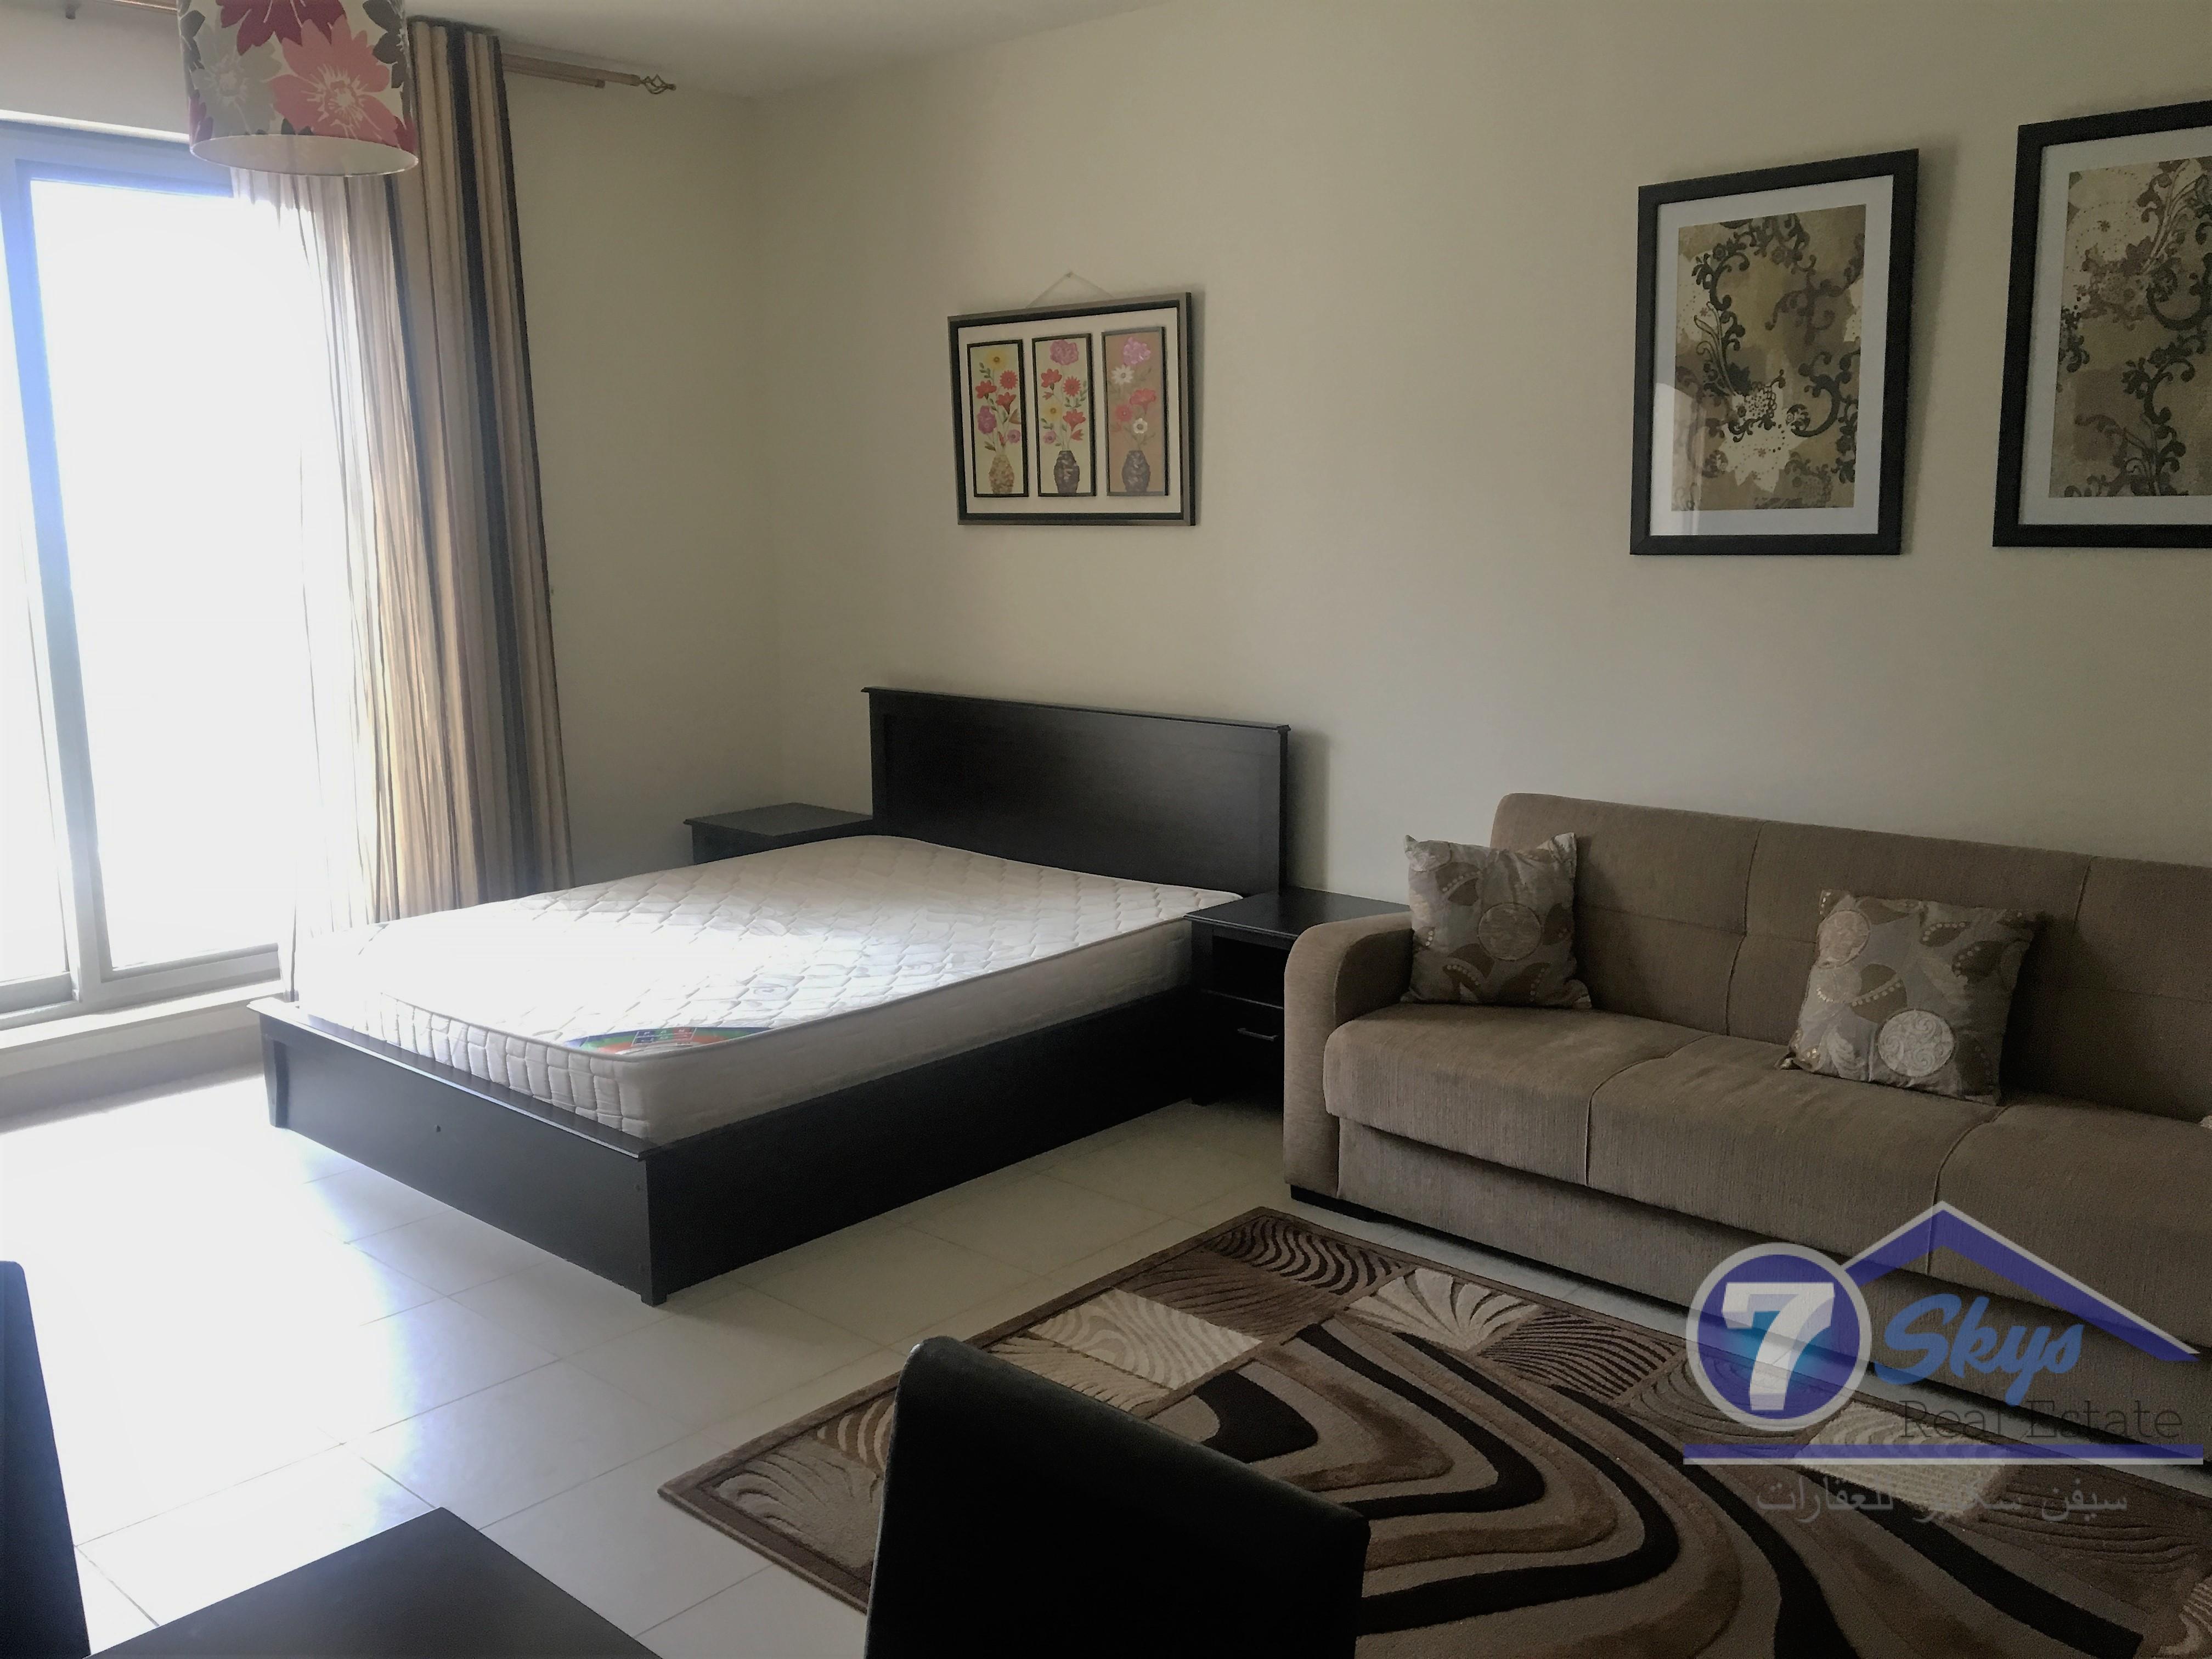 excellent-furnished-studio-apt-for-rent